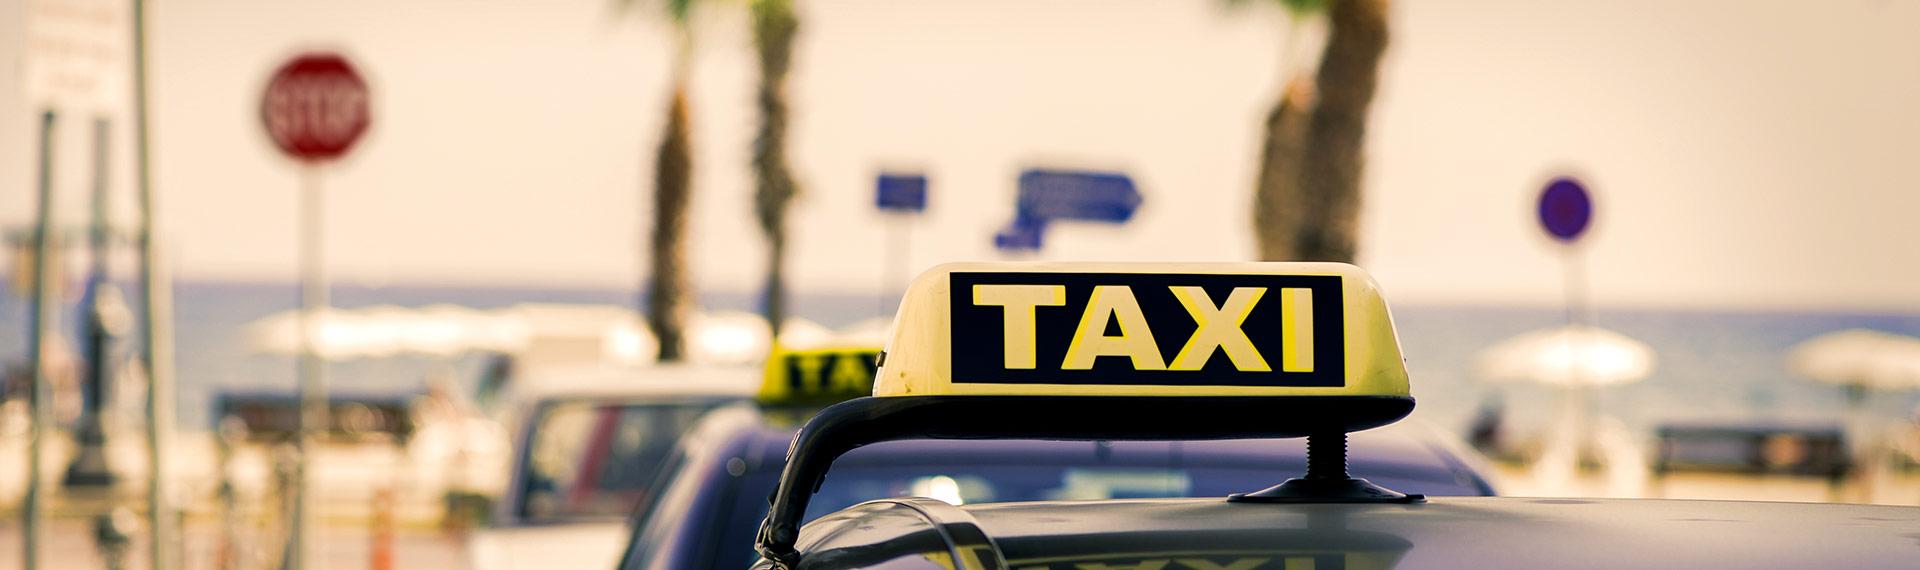 Taxi in the beautiful Cancun